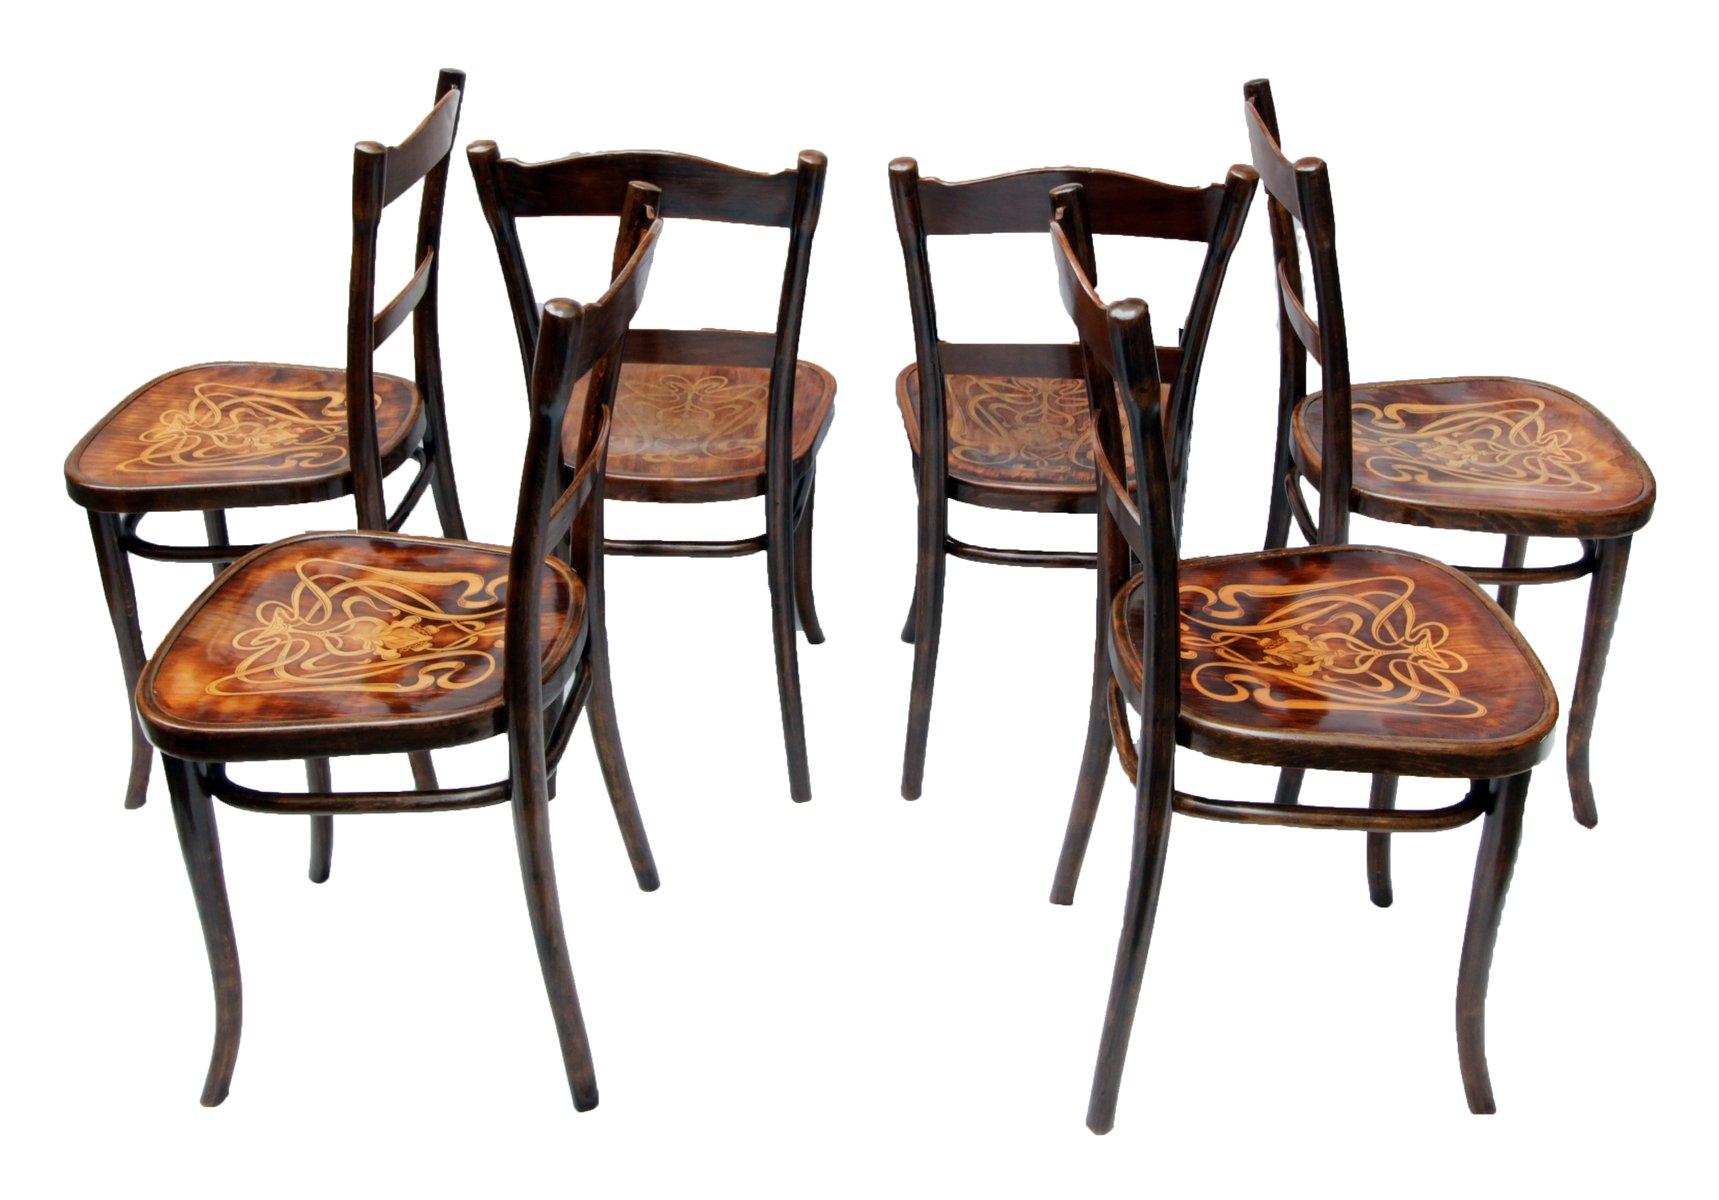 Chaises de salon antiques d cor es en bois courb de - Chaise de salon en bois ...